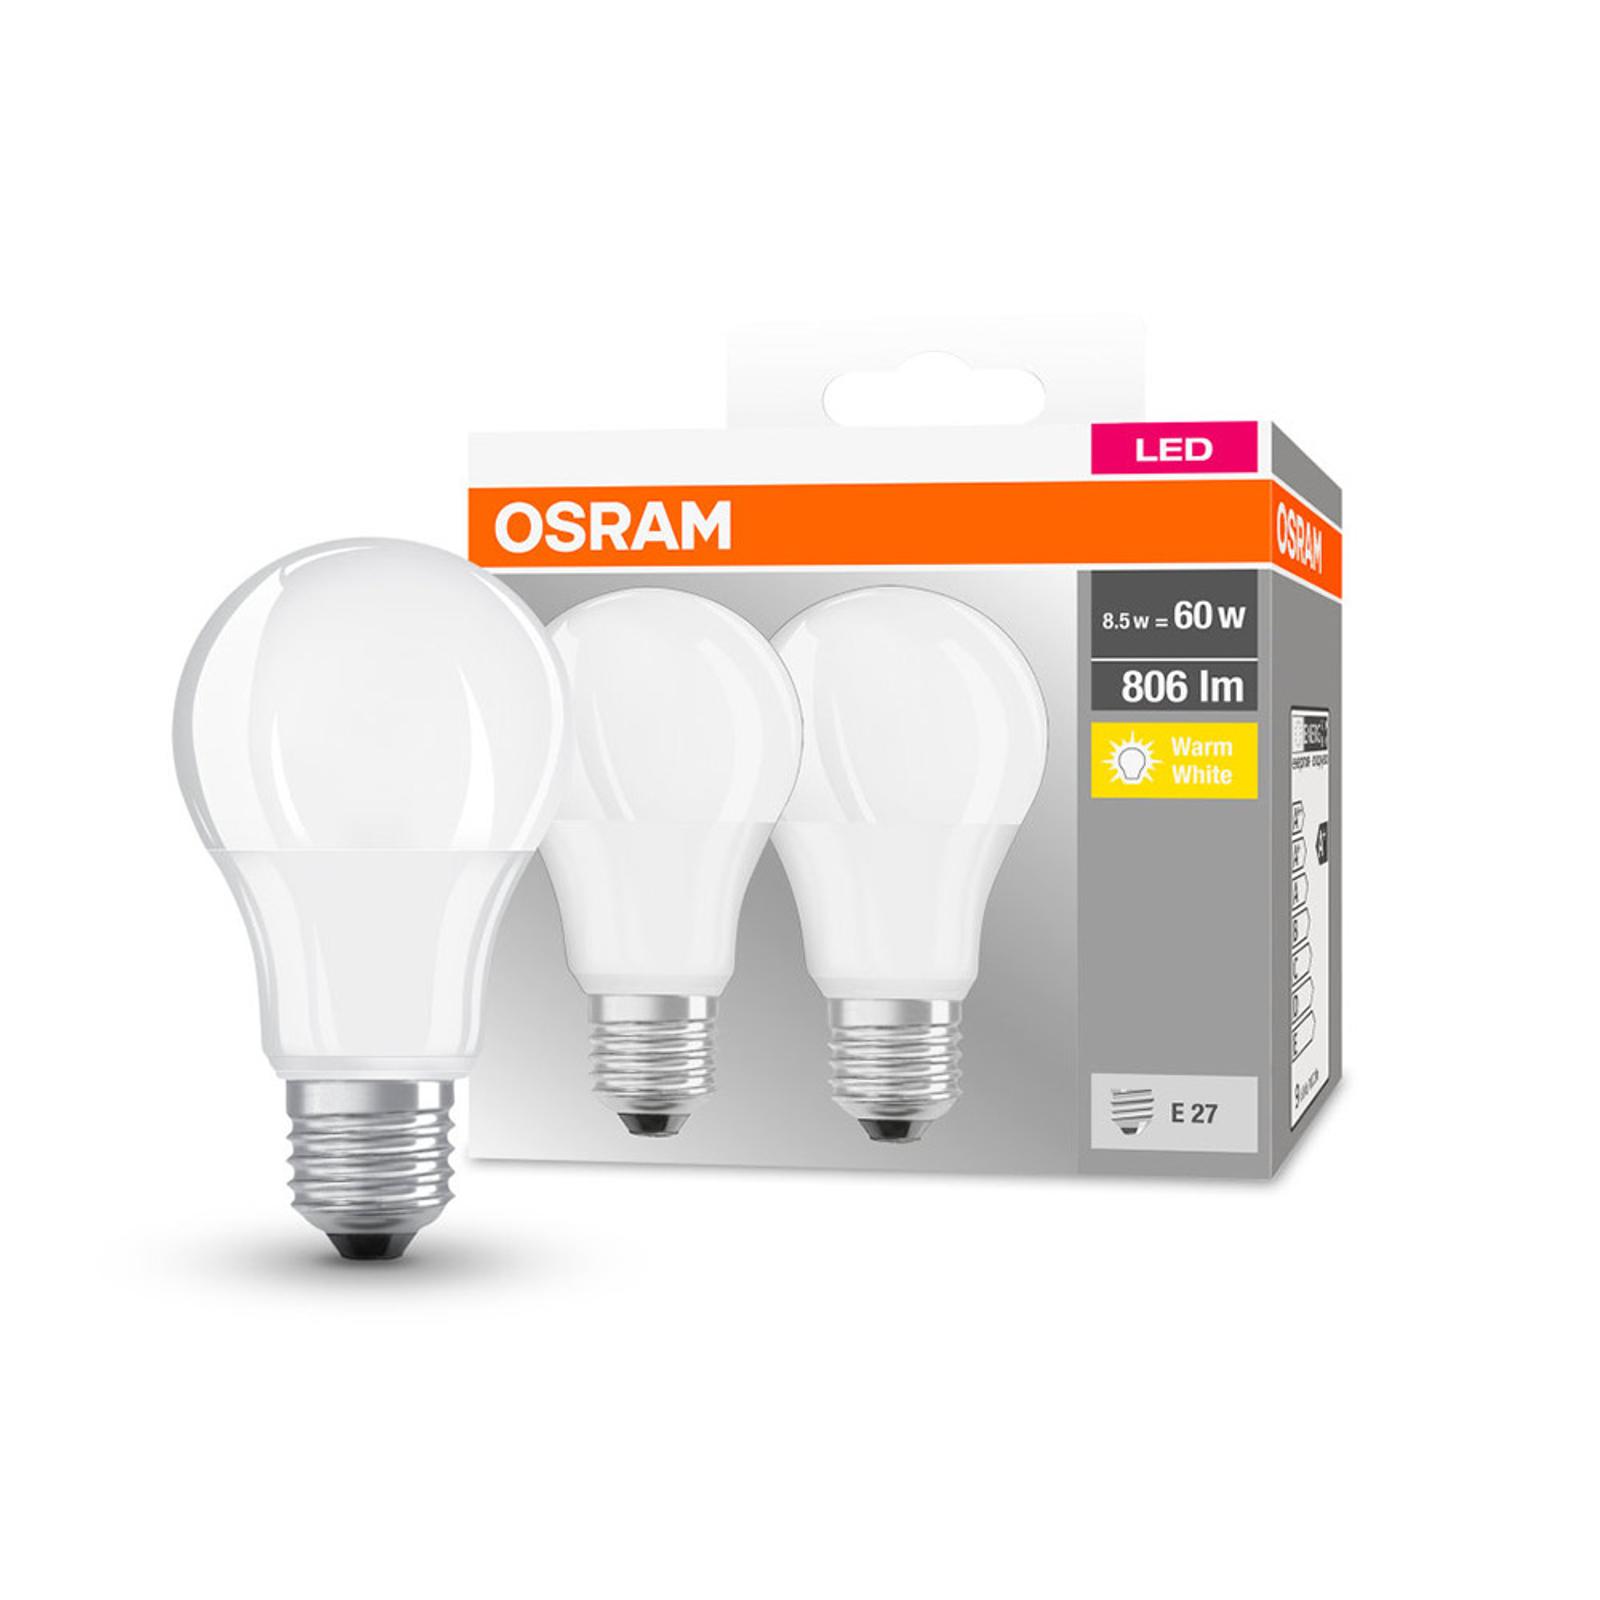 OSRAM żarówka LED Classic E27 8,5W 806lm 2 szt.